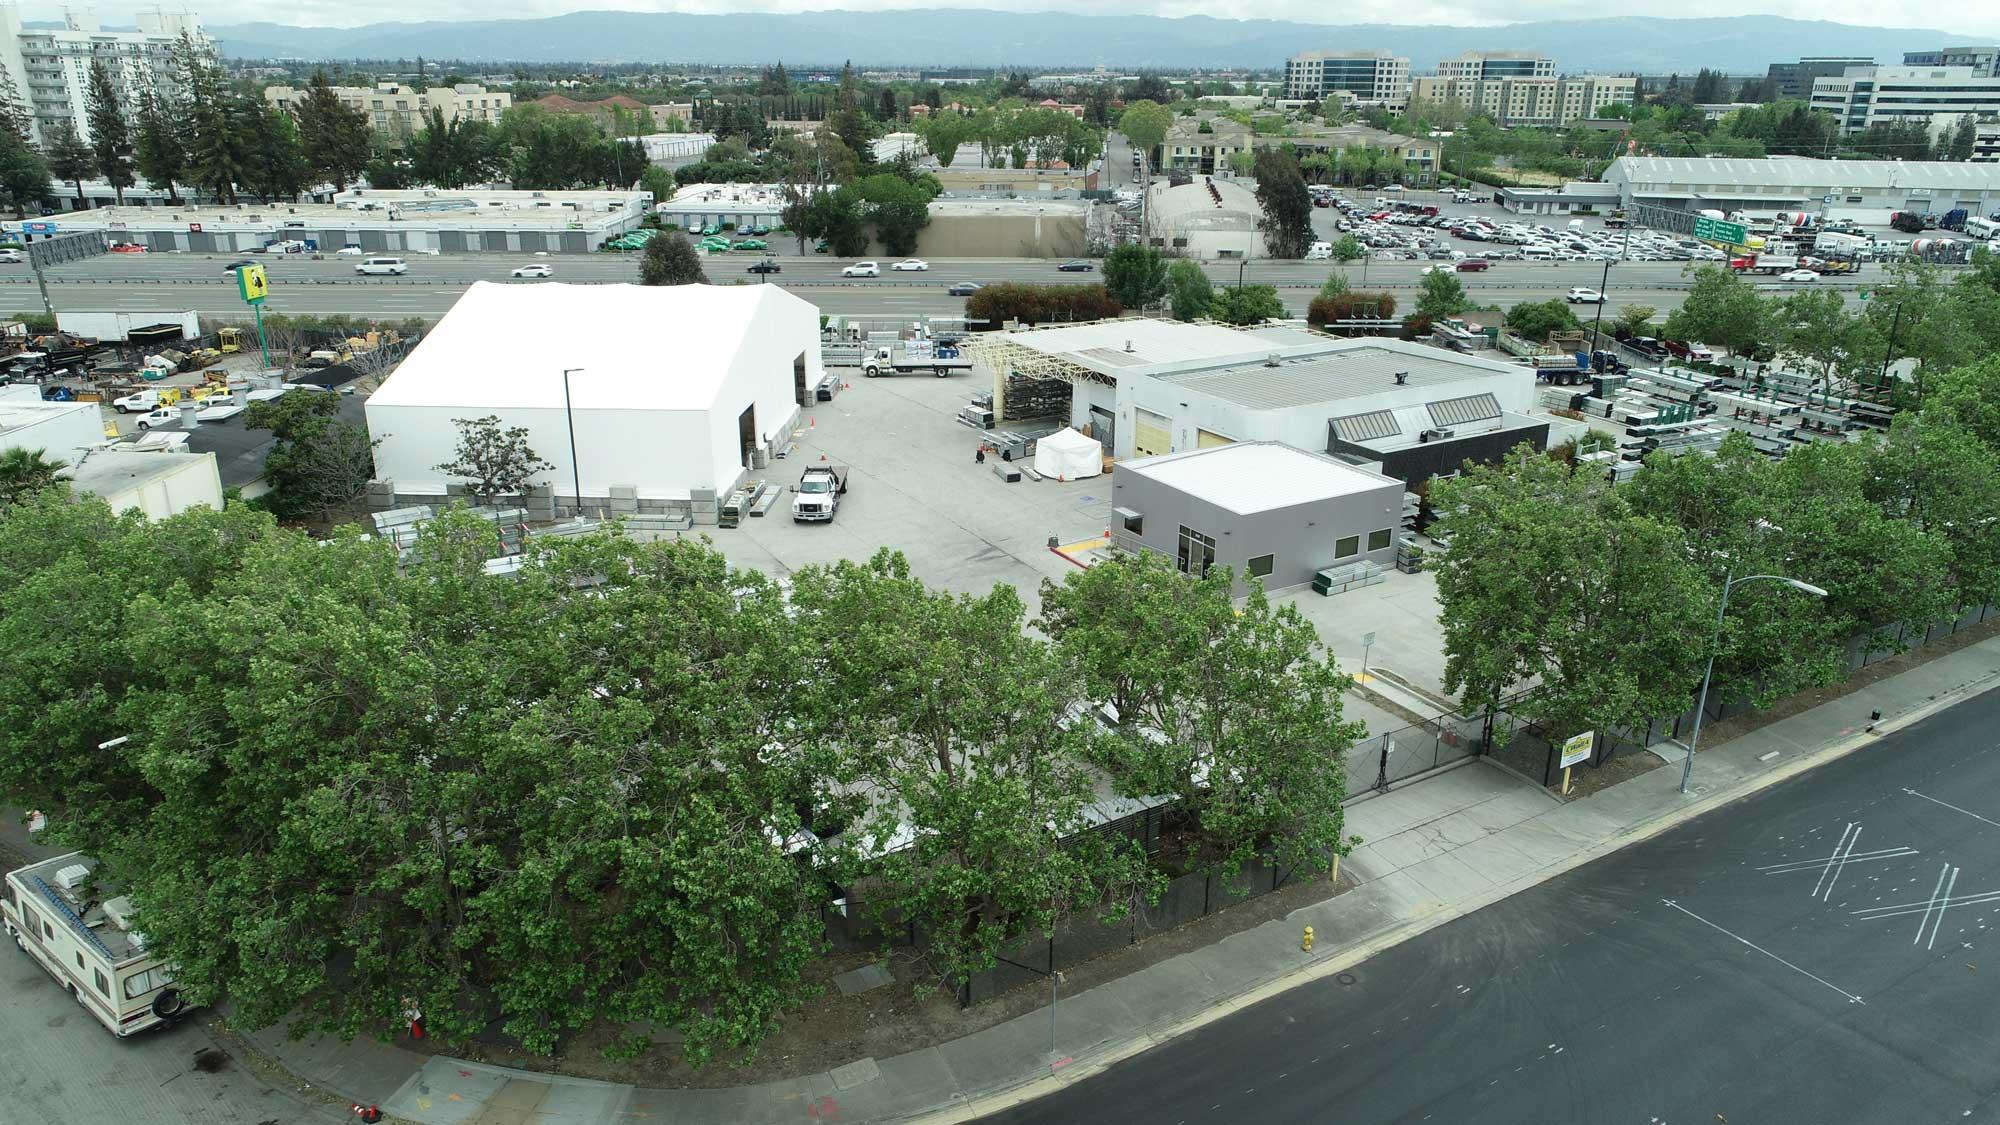 San Jose Cwalla Building Materials Ceilings Walls